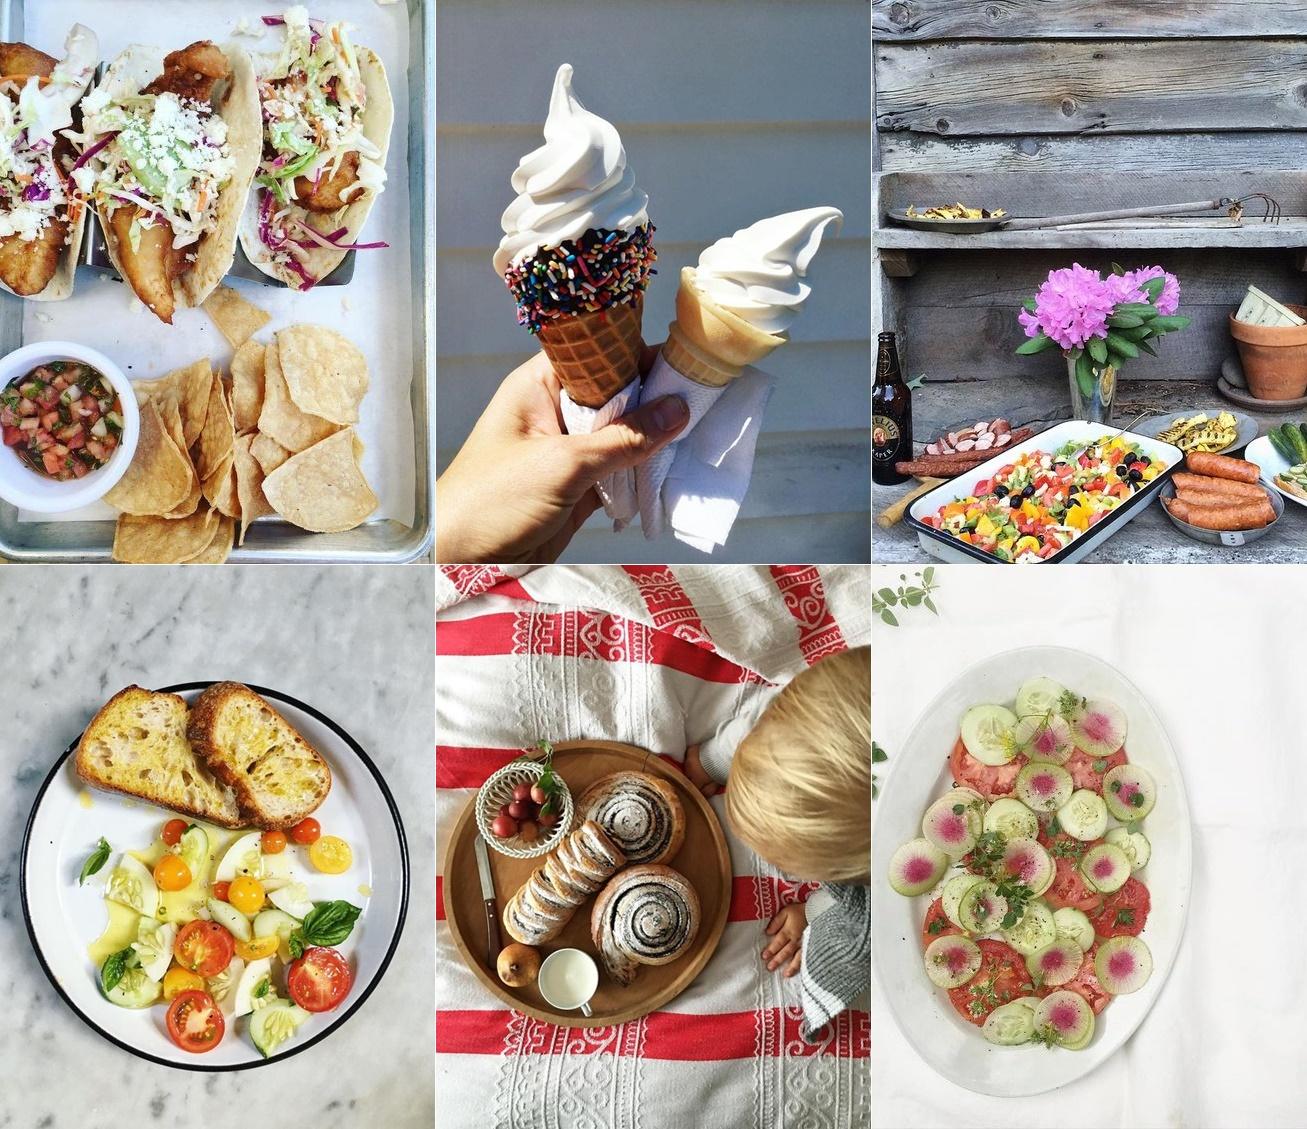 instagram-comidas-gastronomia-edibleliving